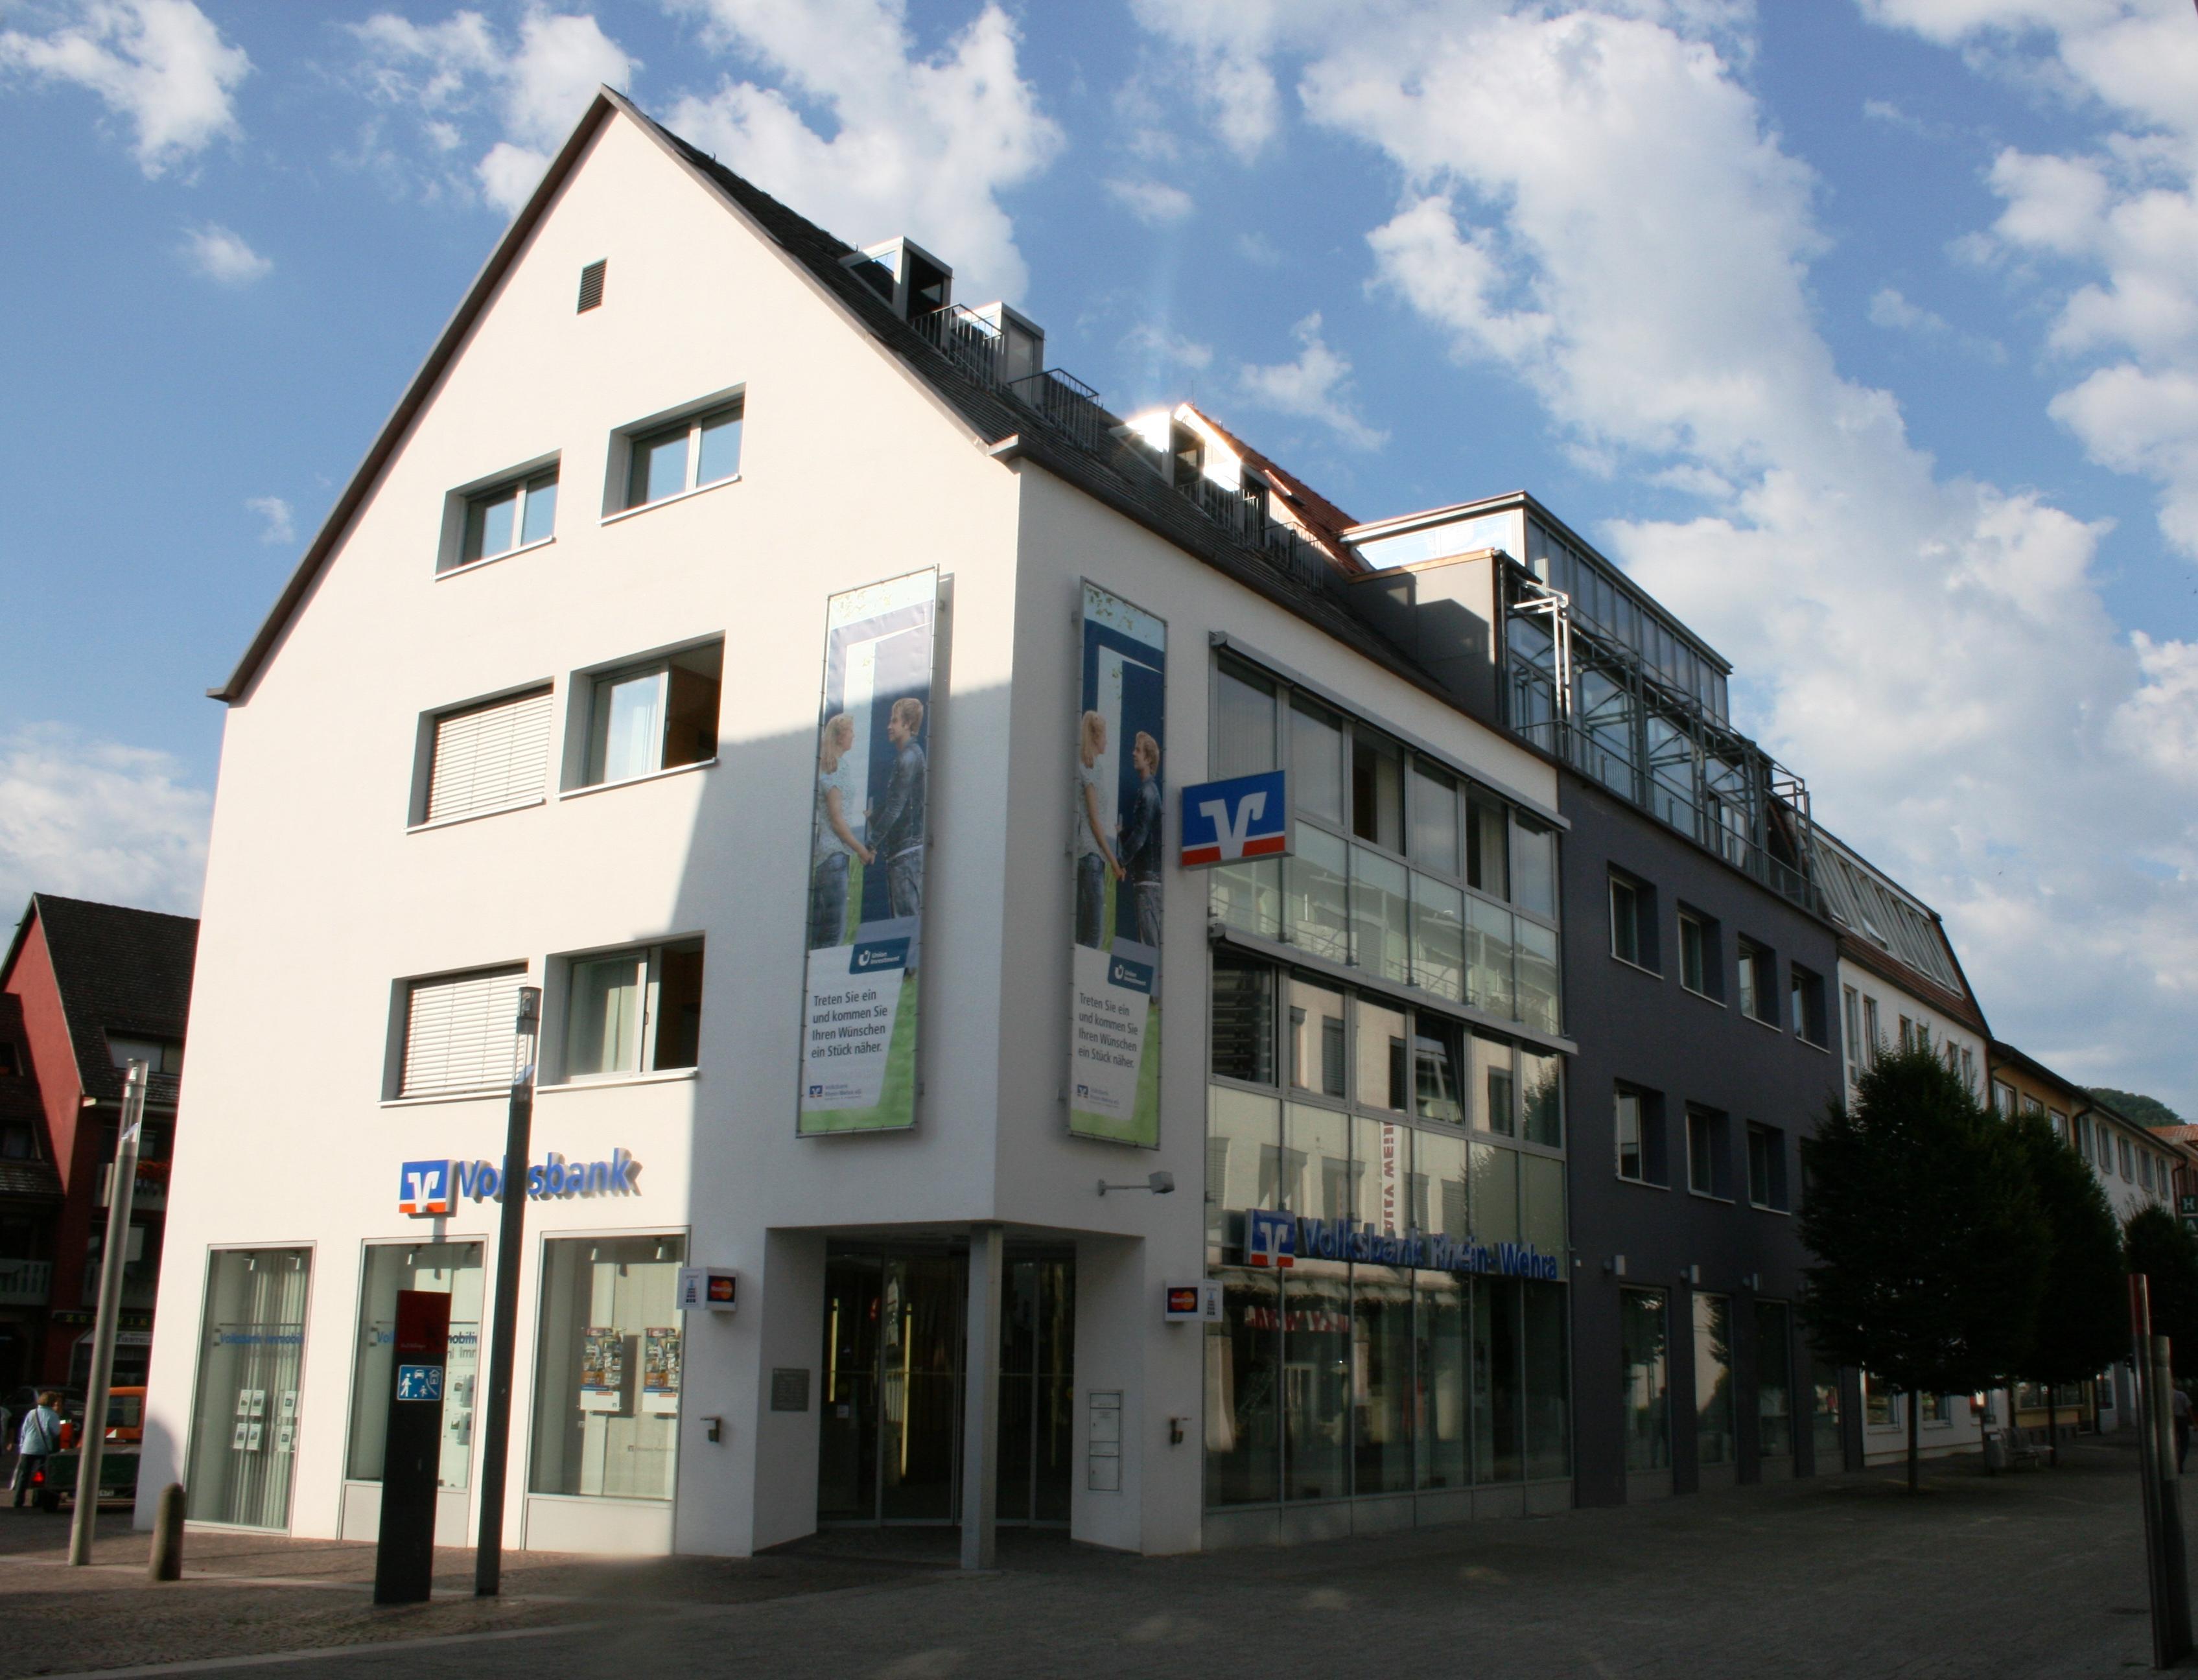 Volksbank Rhein-Wehra eG, Volksbank Rhein-Wehra eG, Schützenstr. 7-11, 79713, Bad Säckingen